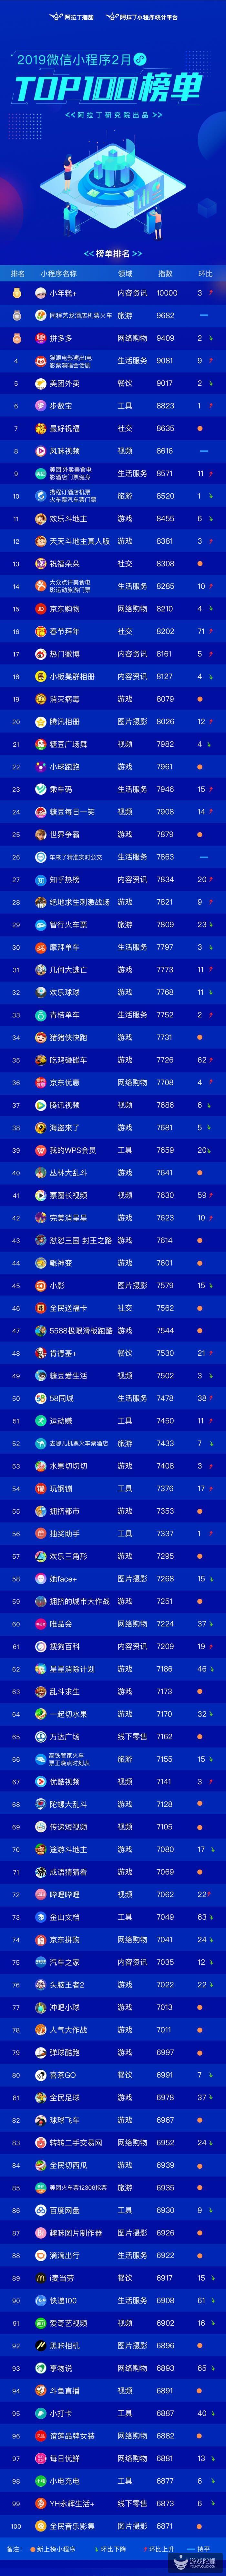 2月小程序TOP100榜单:游戏类小程序占比超30%